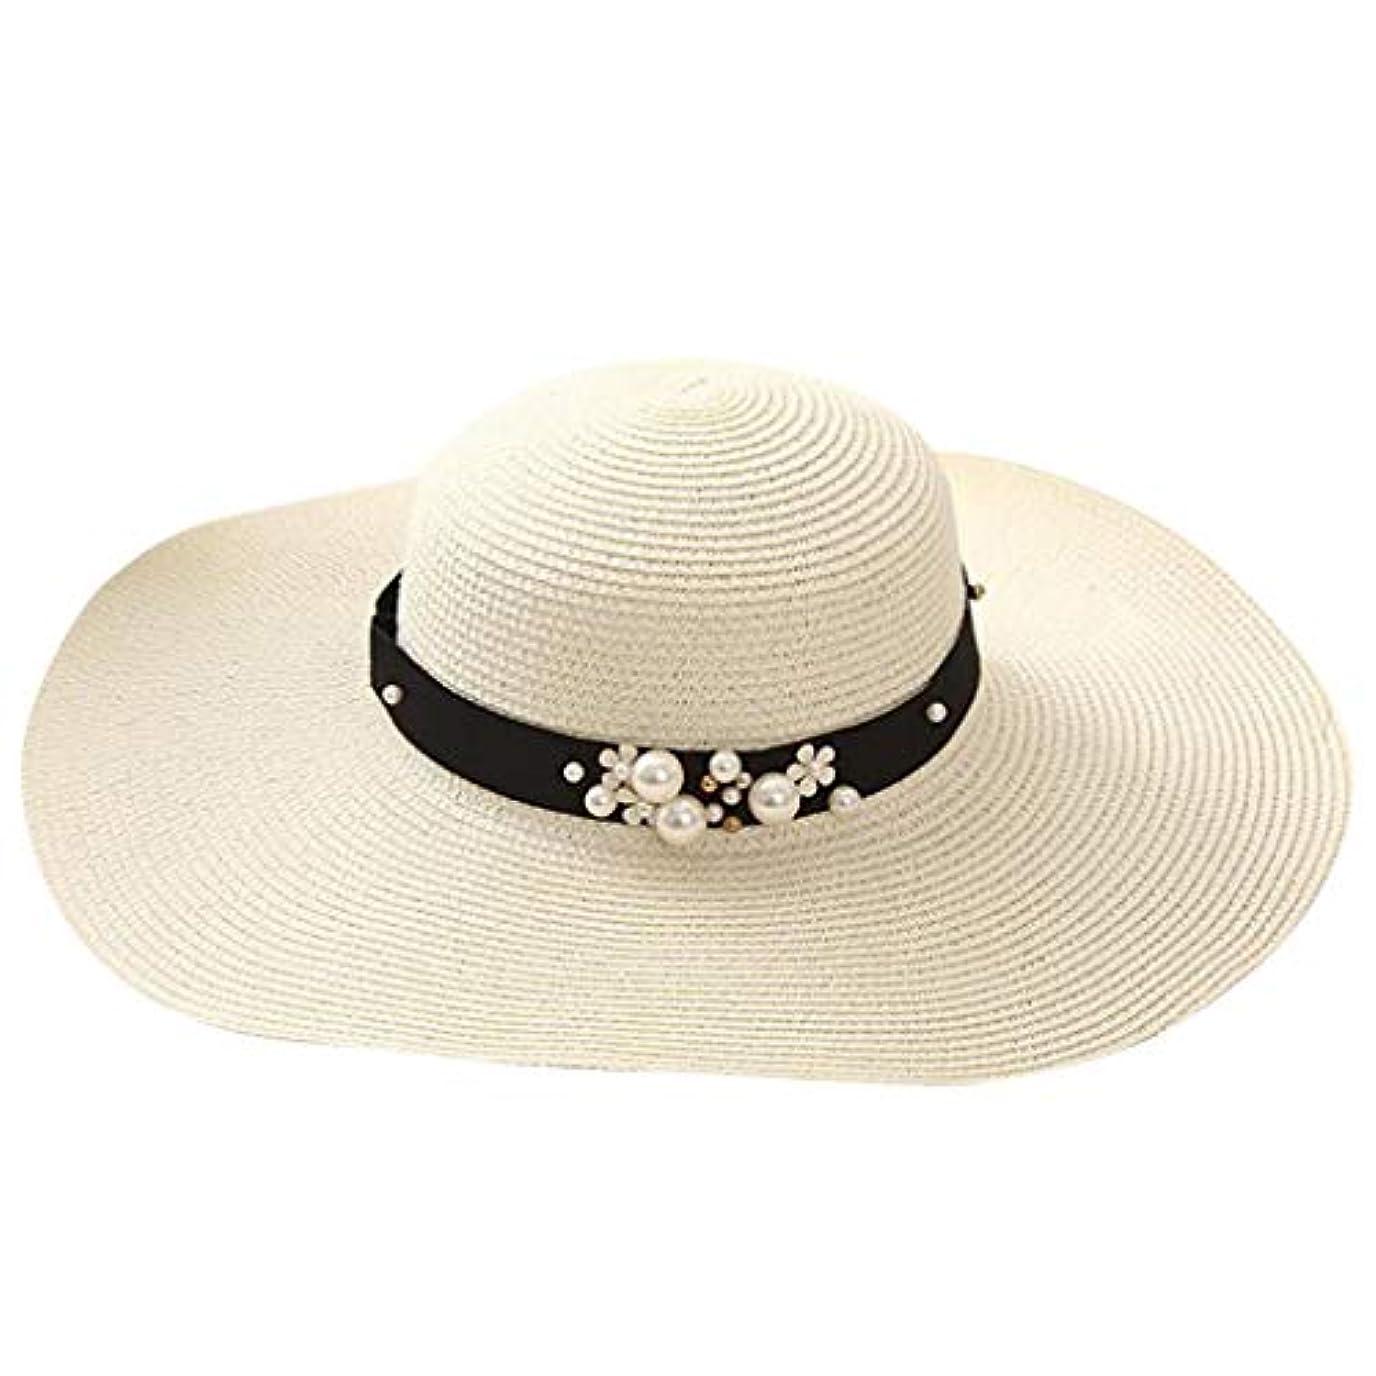 ラジウム梨望遠鏡漁師の帽子 ROSE ROMAN UVカット 帽子 帽子 レディース 麦わら帽子 UV帽子 紫外線対策 通気性 取り外すあご紐 サイズ調節可 つば広 おしゃれ 可愛い ハット 旅行用 日よけ 夏季 女優帽 小顔効果抜群